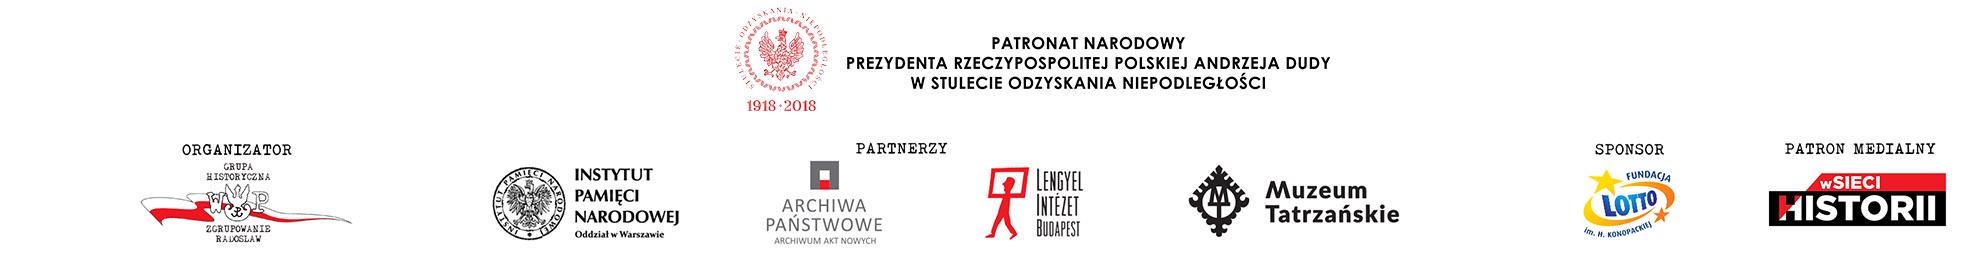 logotypy: Zgrupowanie Radosław, Prezydent RP, IPN, Archiwa Państwowe, Lengyel Intezet, Muzeum Tatrzańskie, Lotto, W Sieci Historii